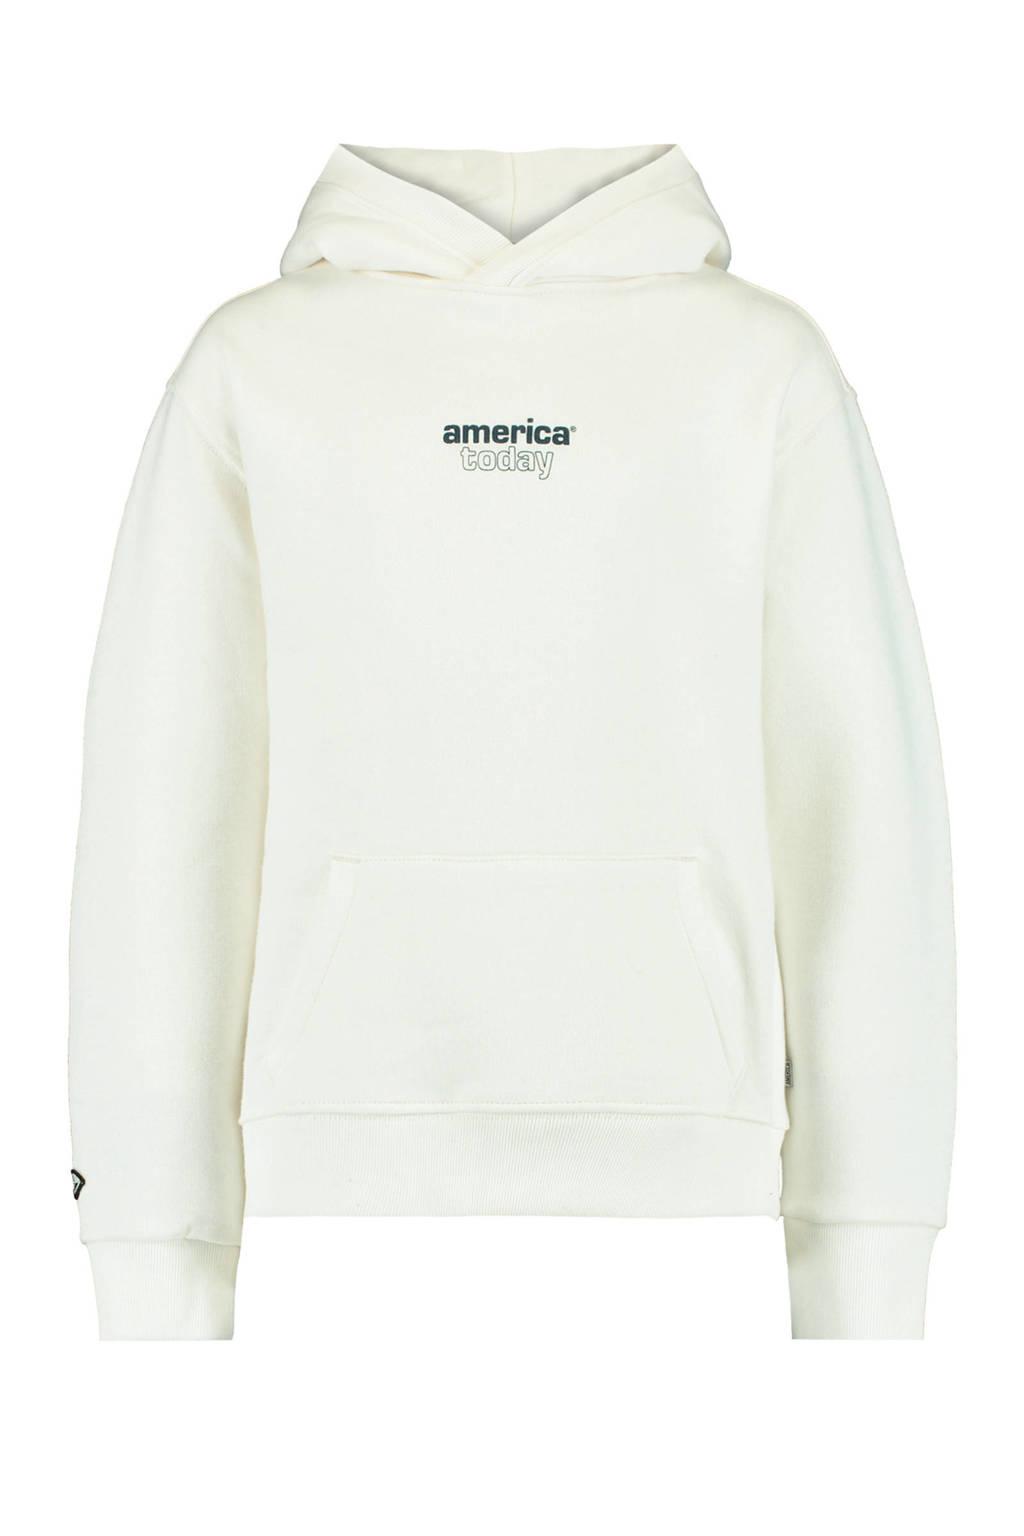 America Today Junior hoodie Sora met tekst ecru/zwart, Ecru/zwart